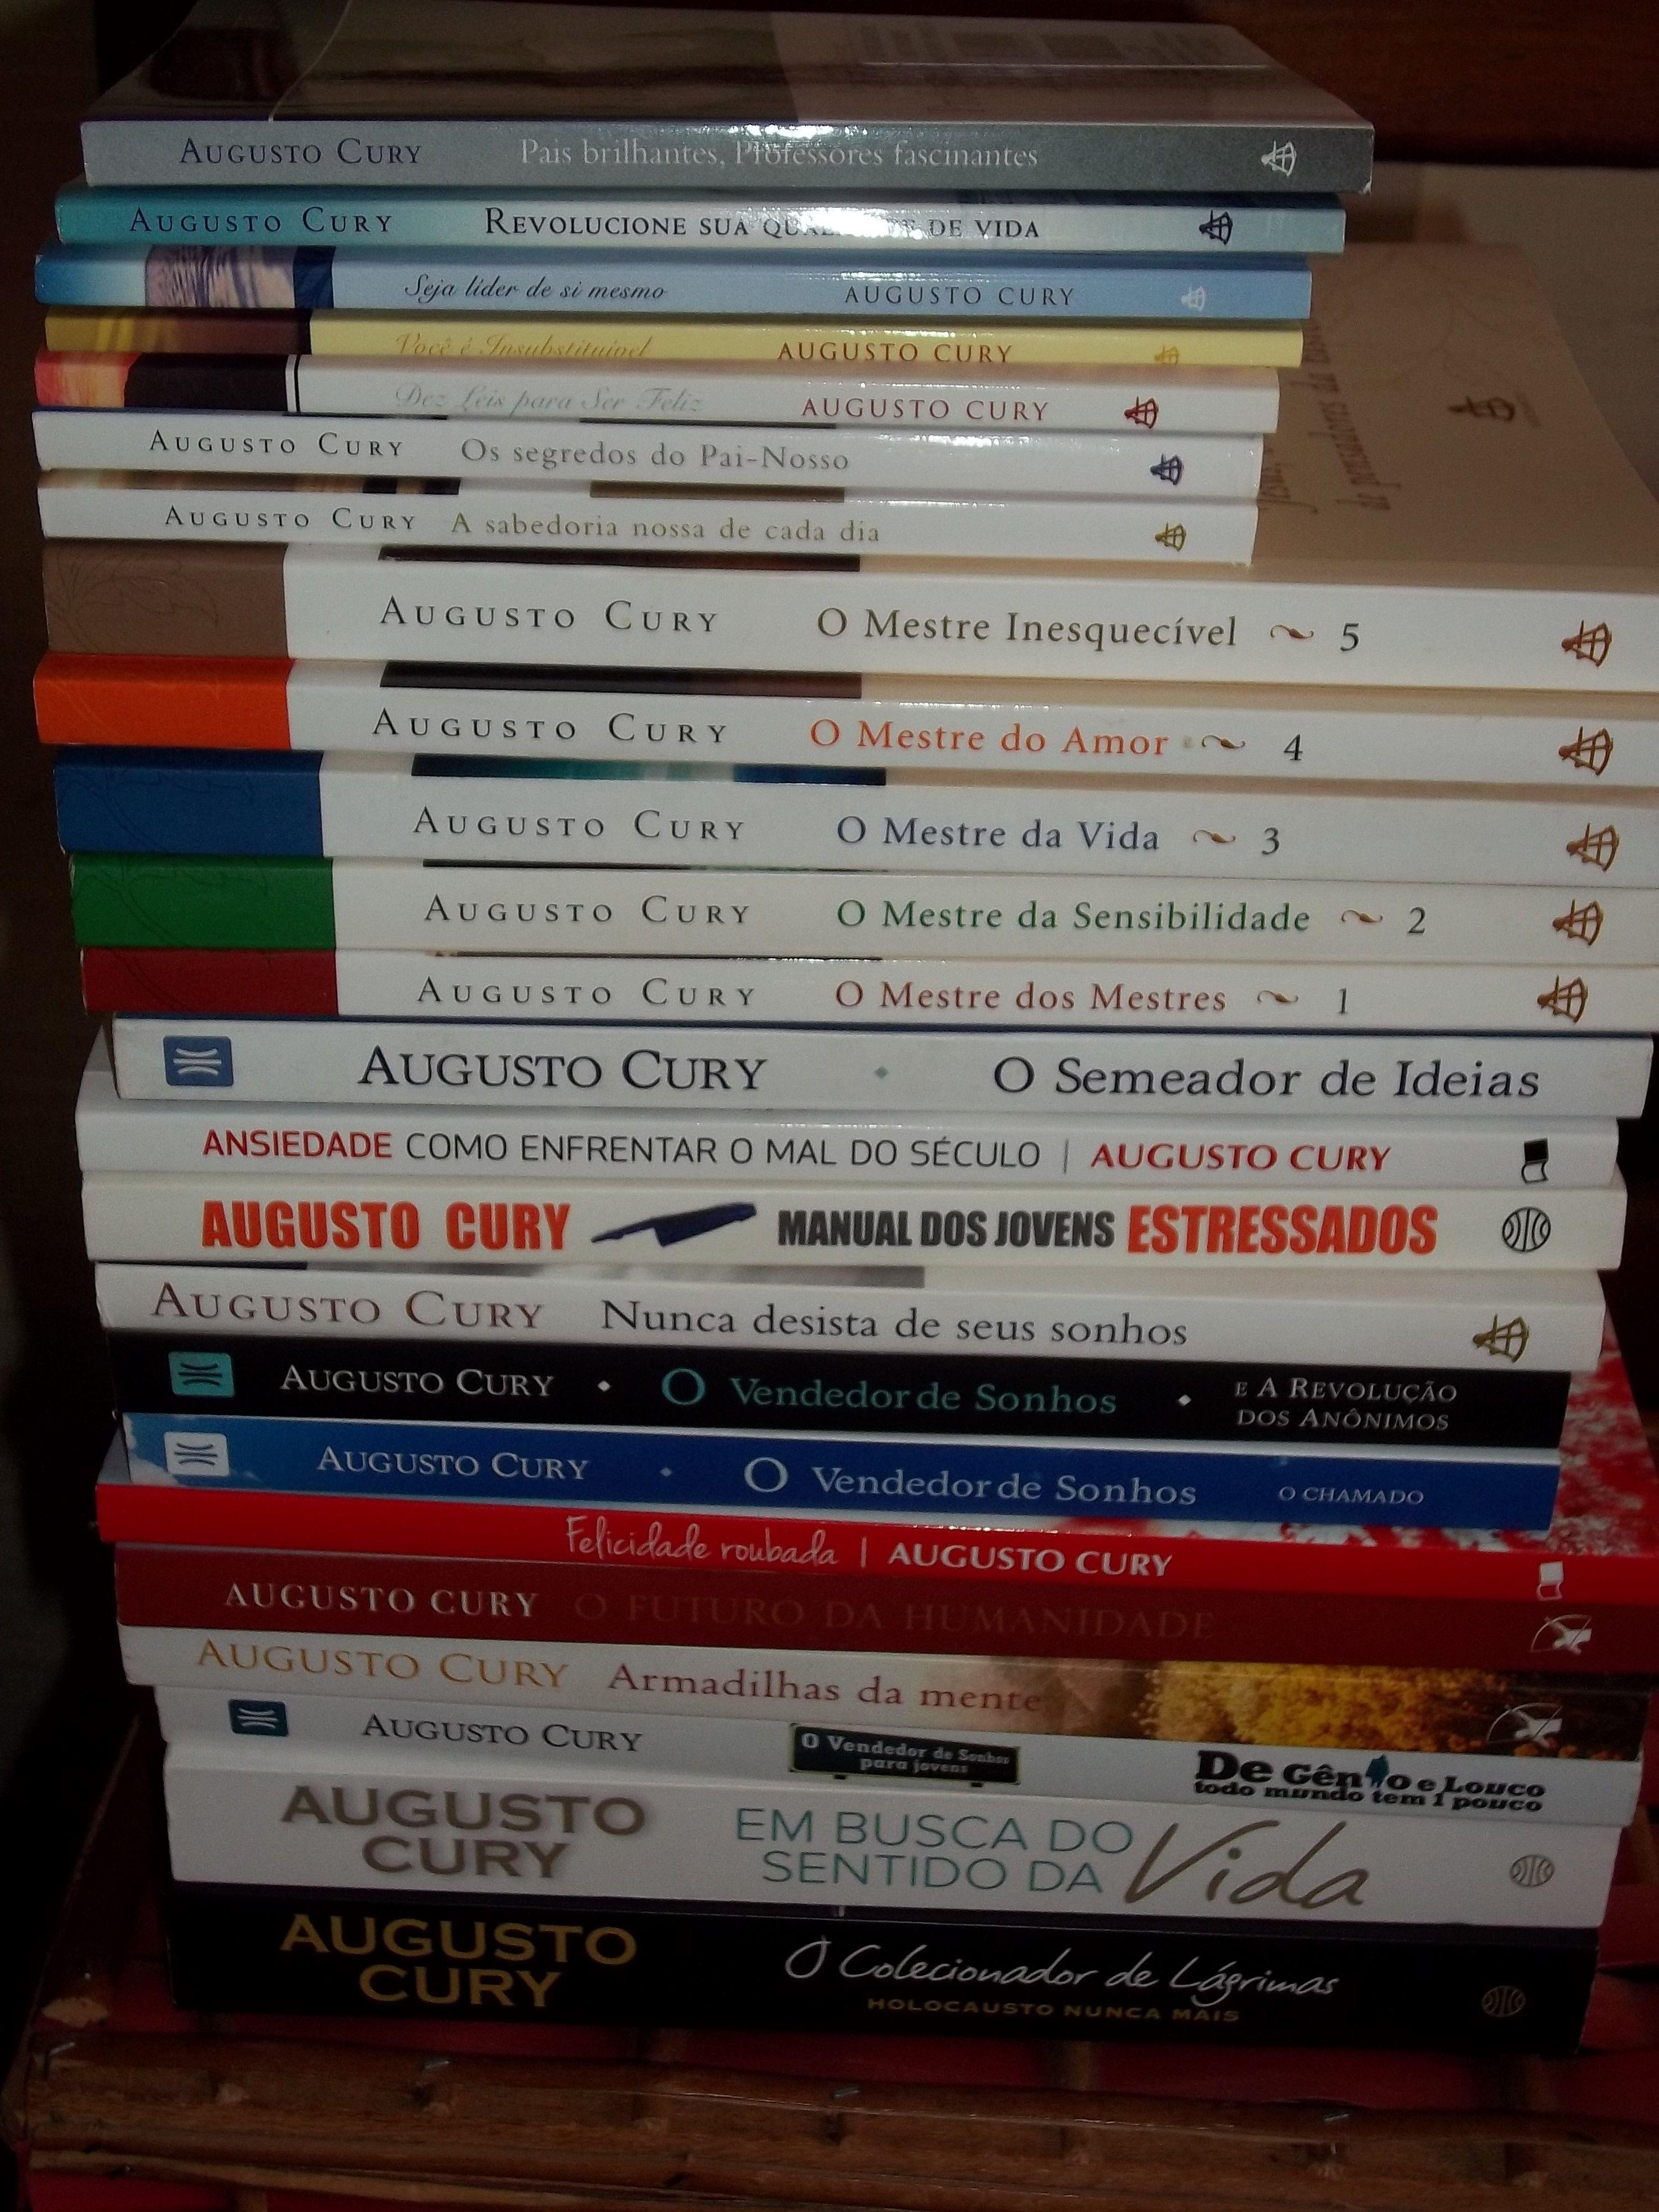 Colecao Augusto Cury Augusto Cury Livros Do Augusto Cury